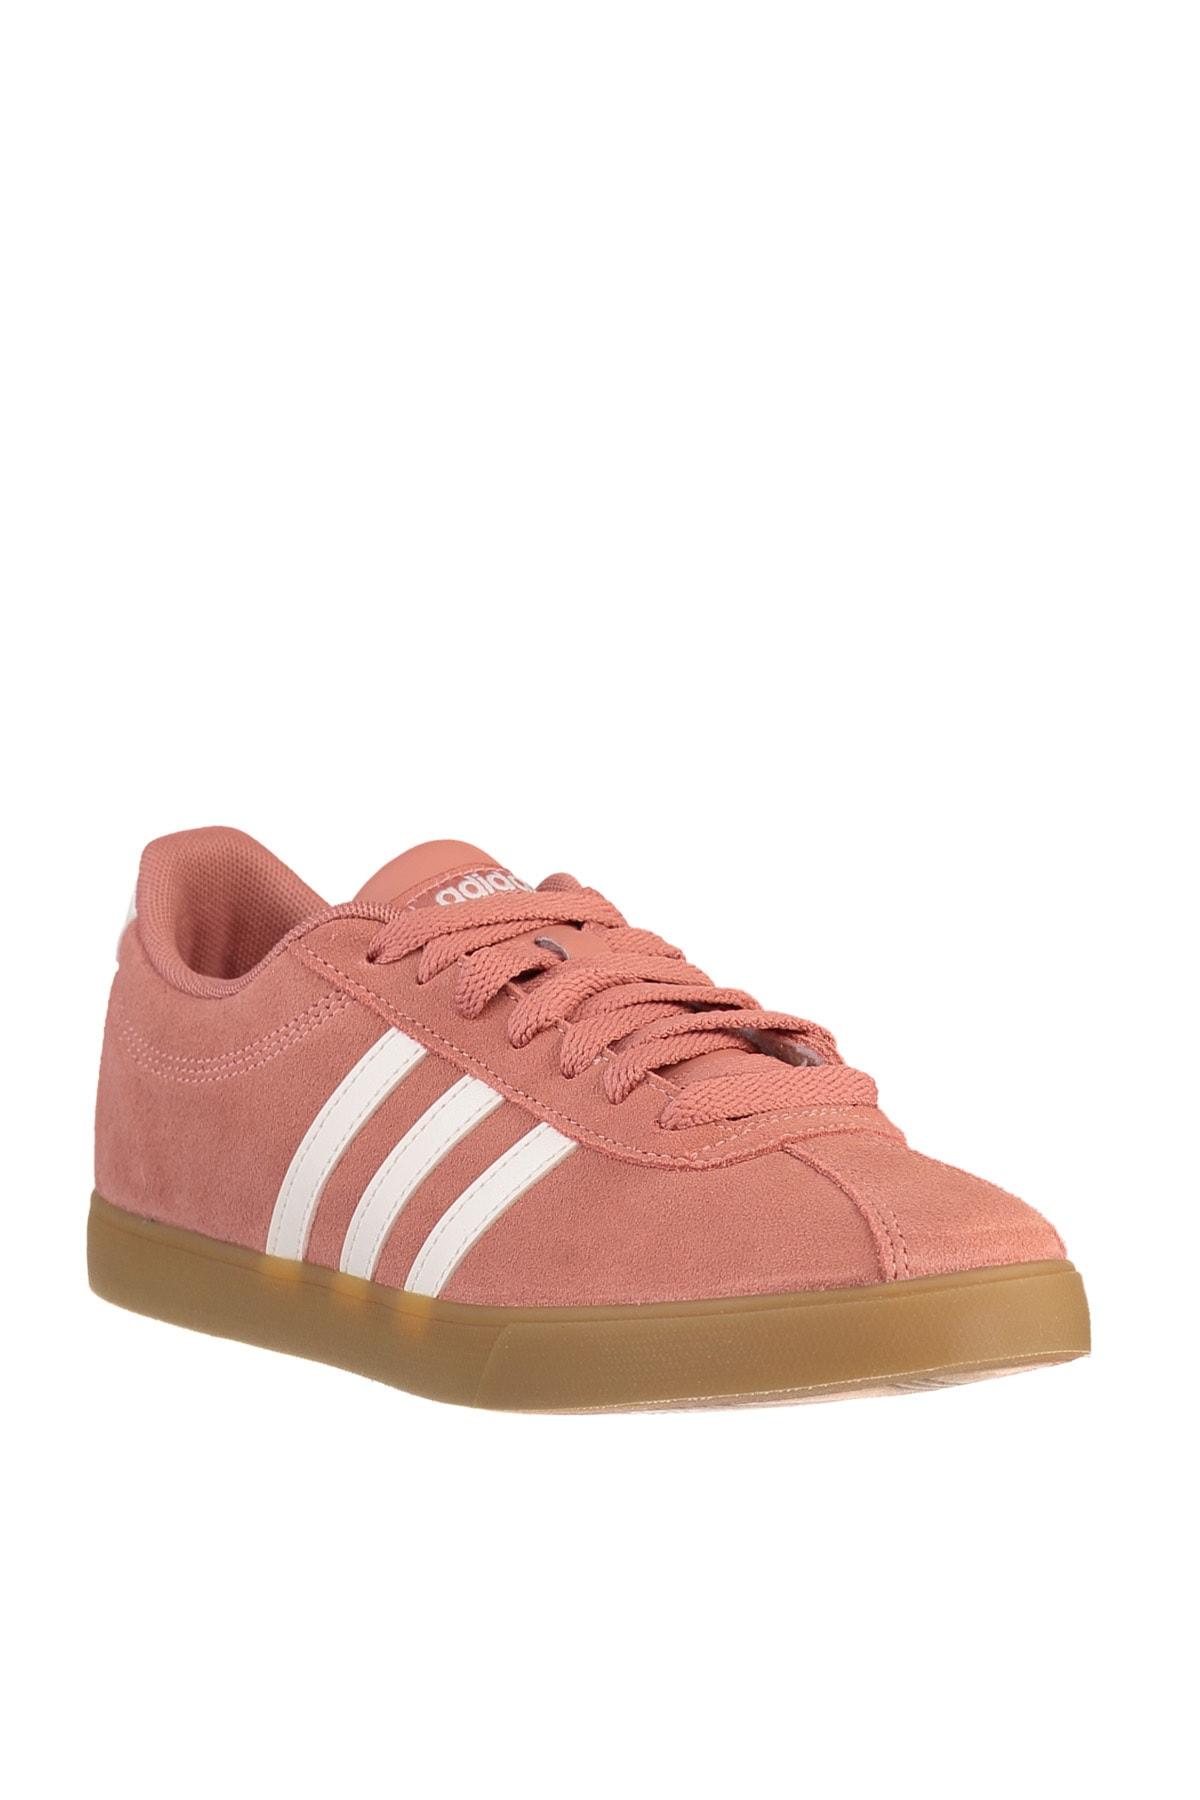 adidas Kadın Sneaker - COURTSET - EE8325 2